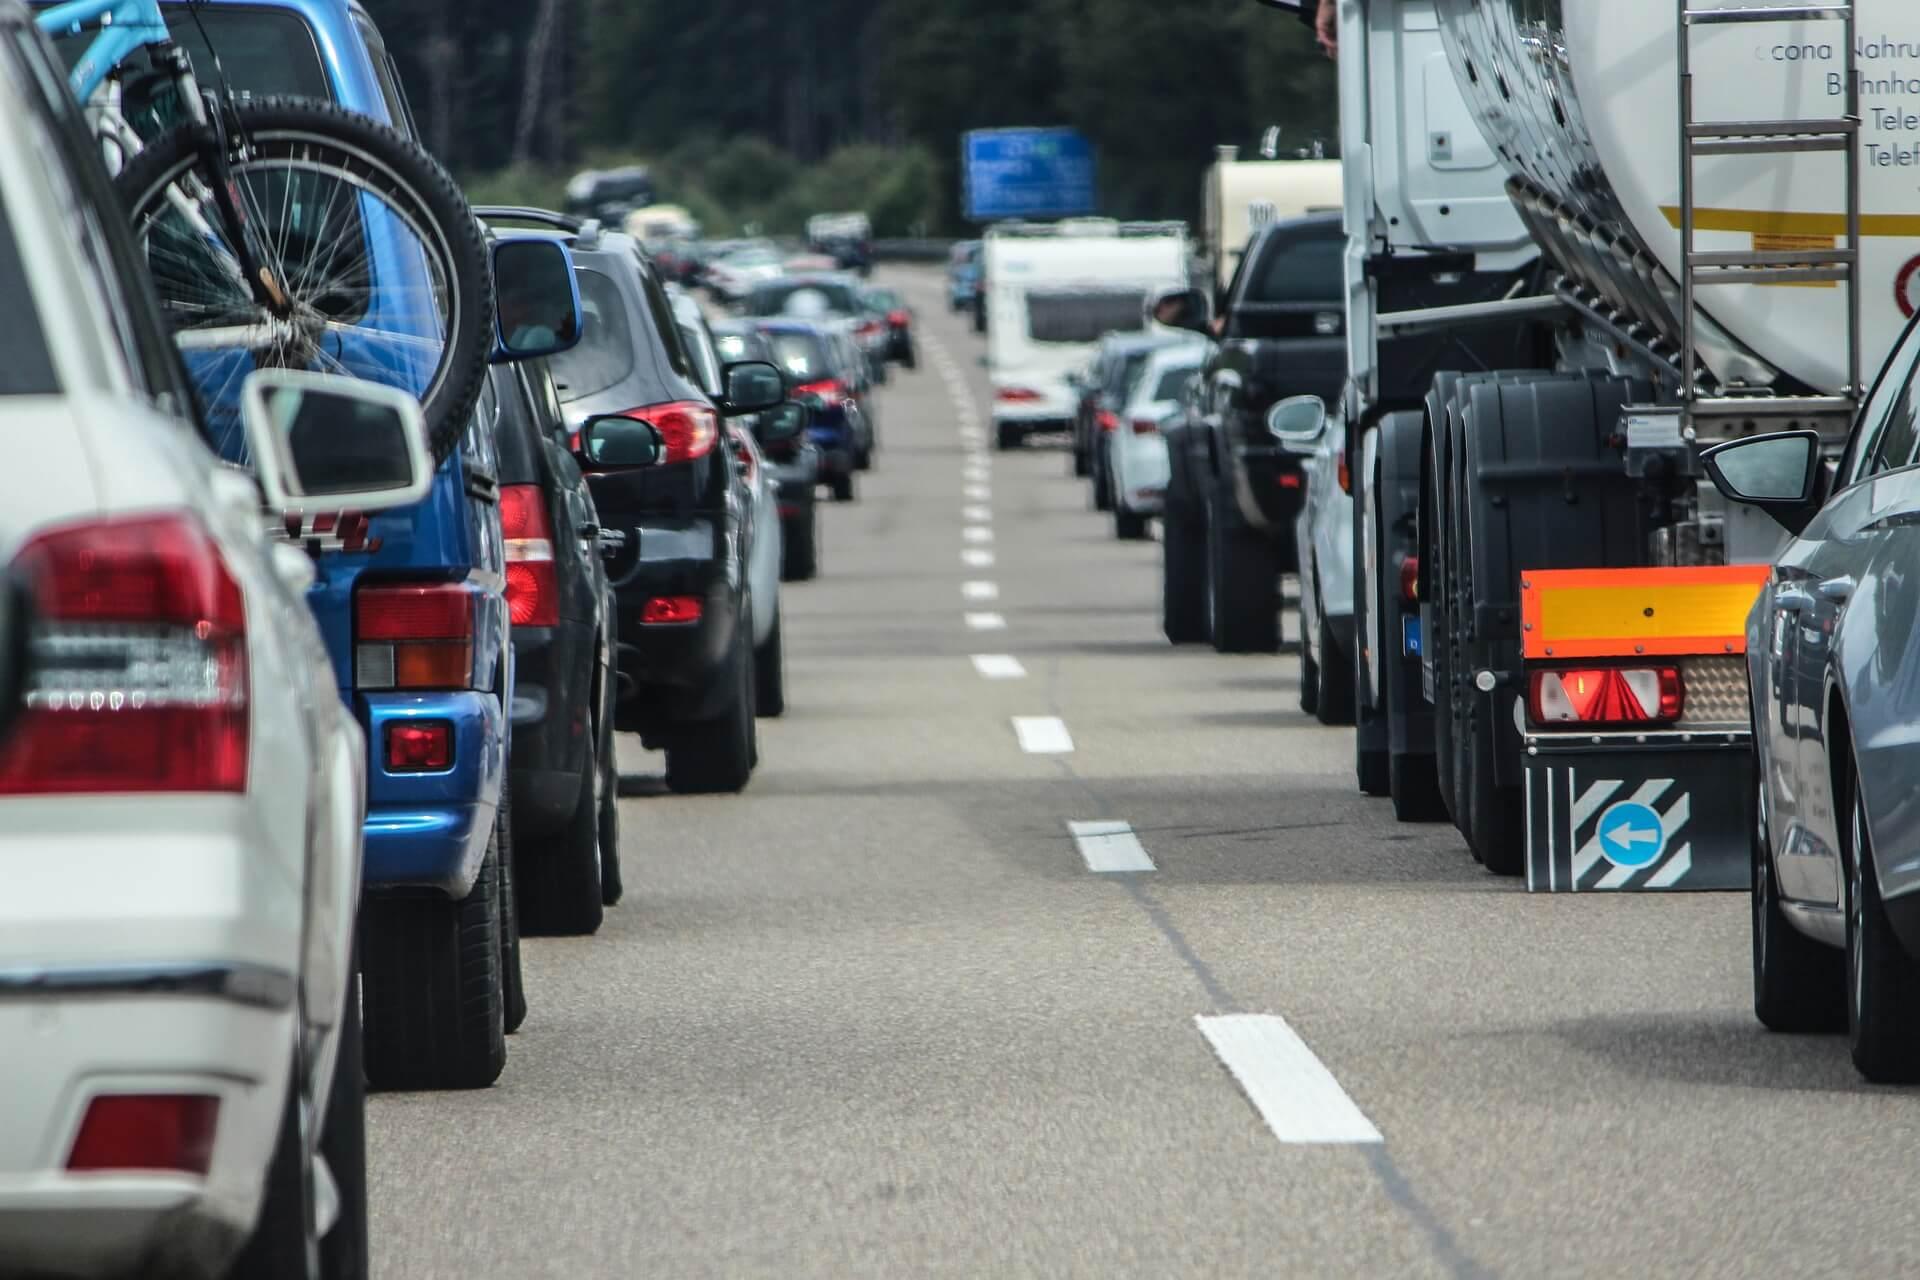 Carretera neumáticos desgastados